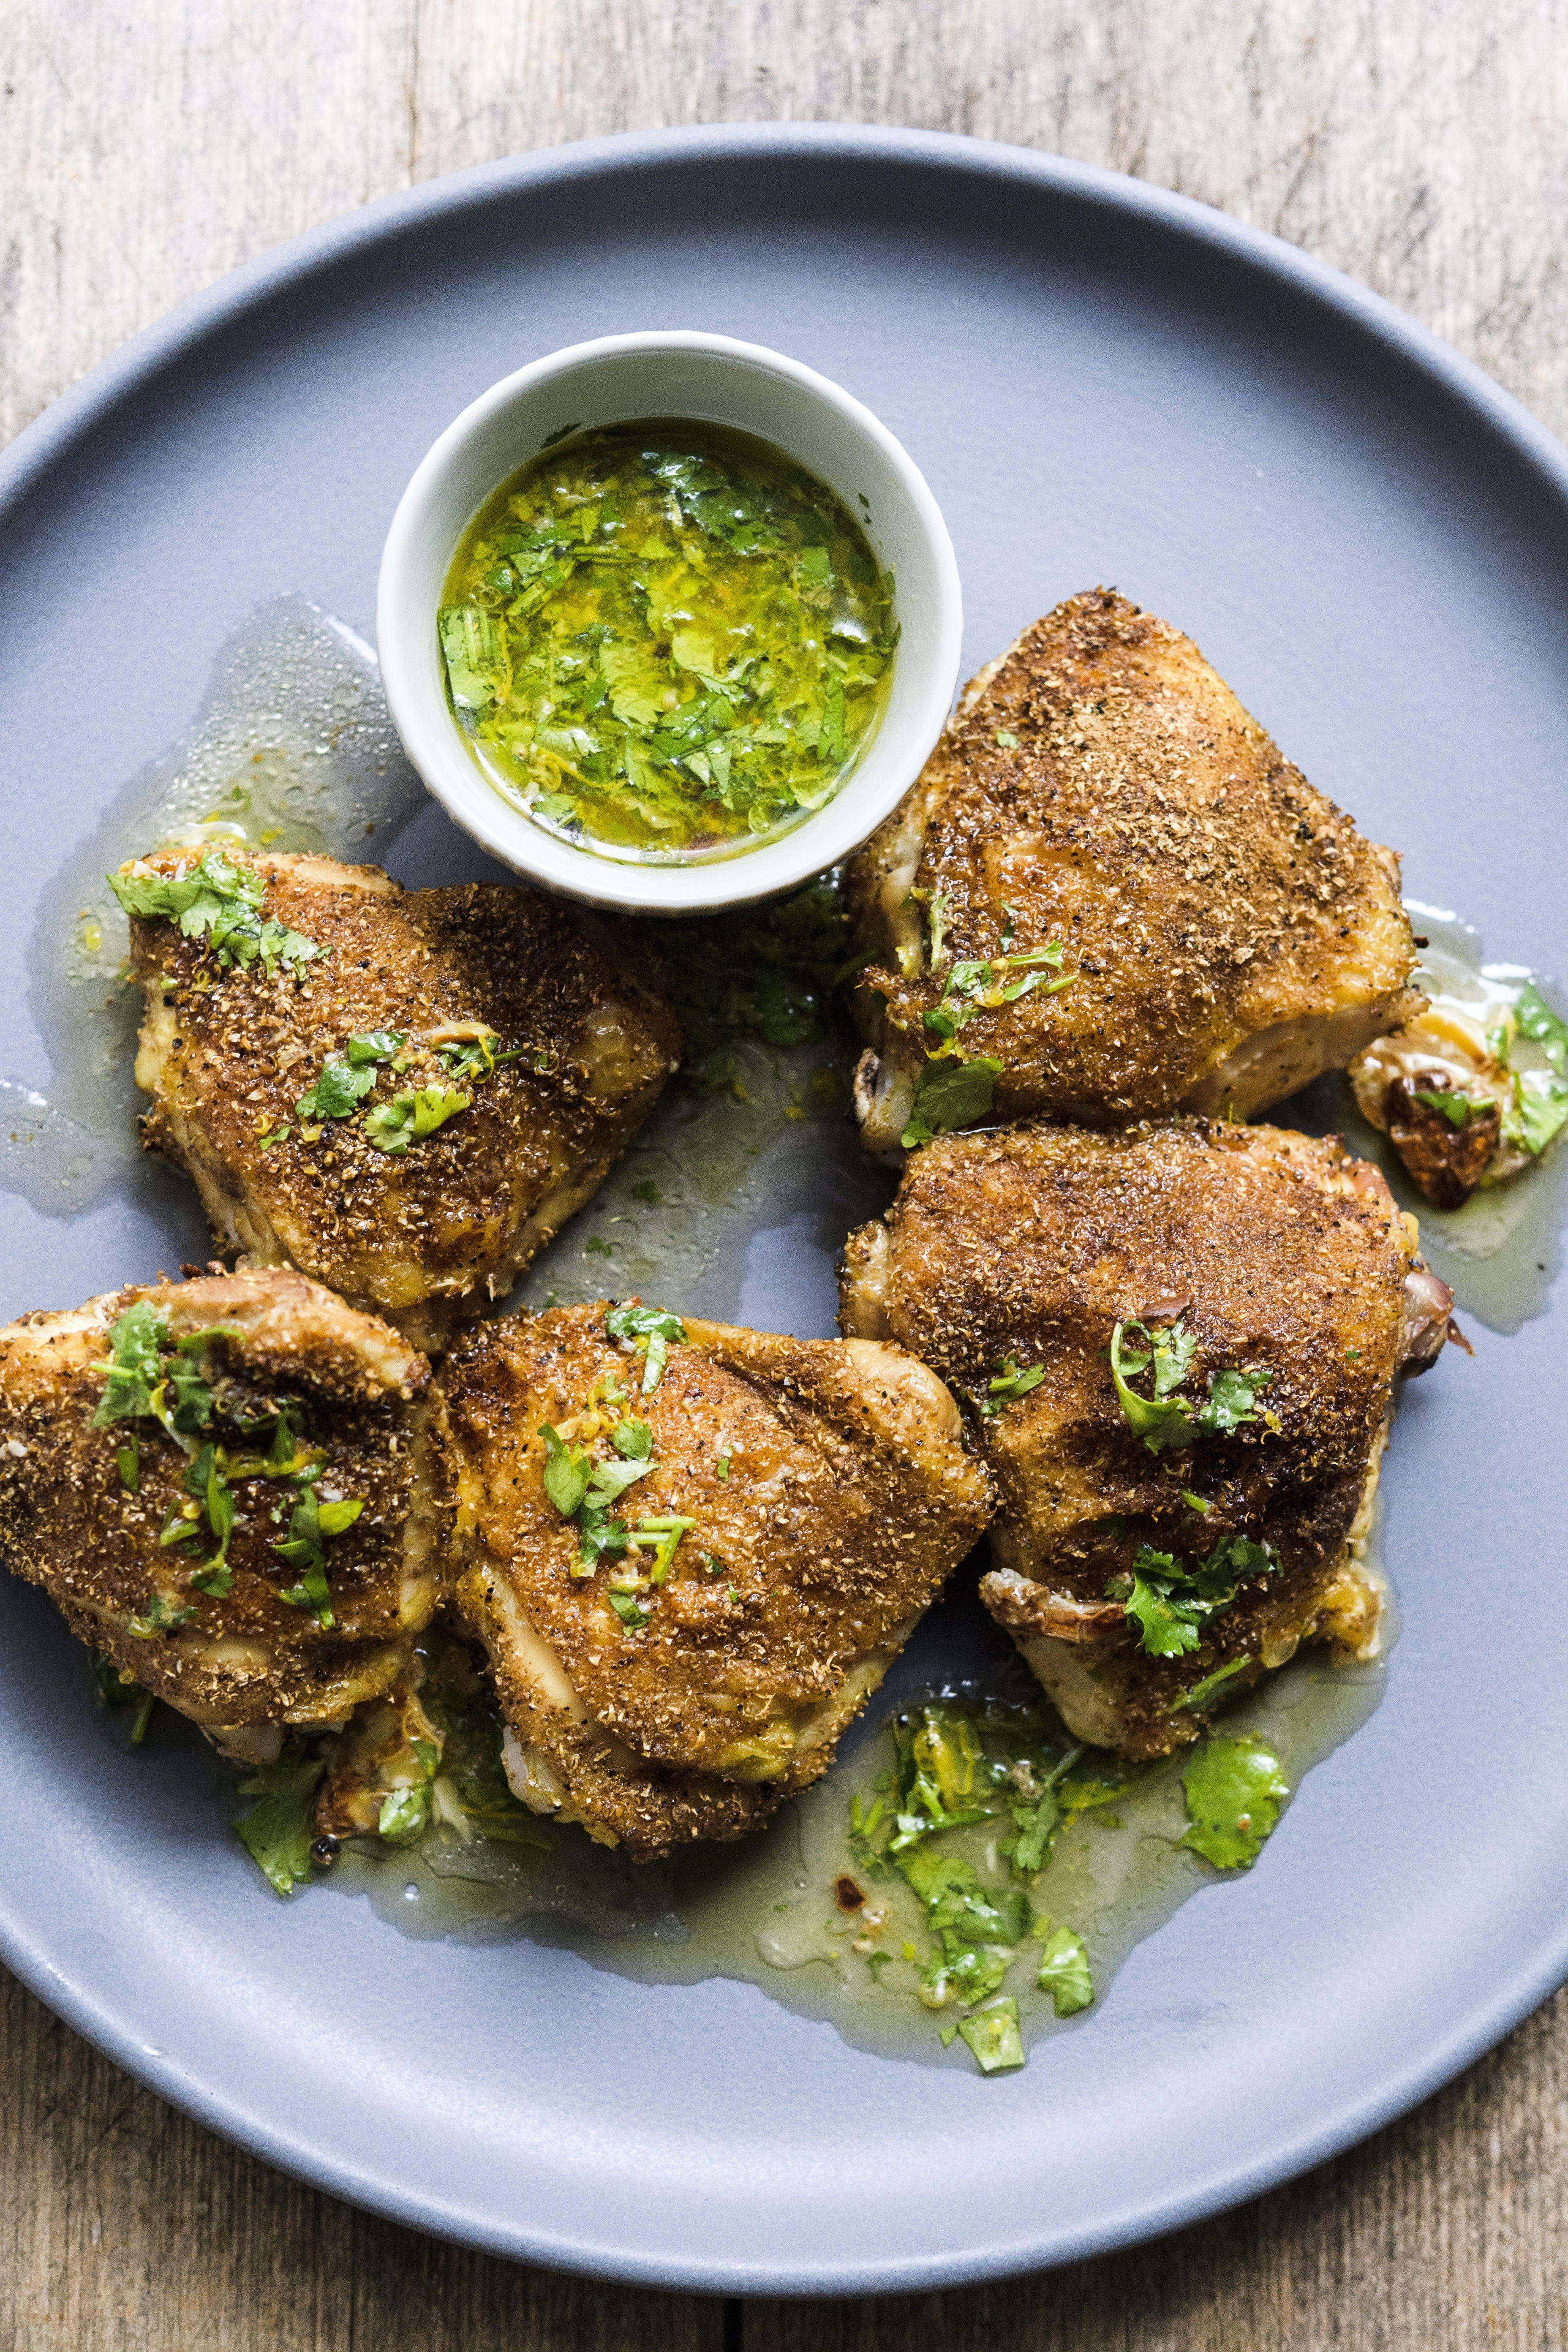 Coriander-Roasted Chicken